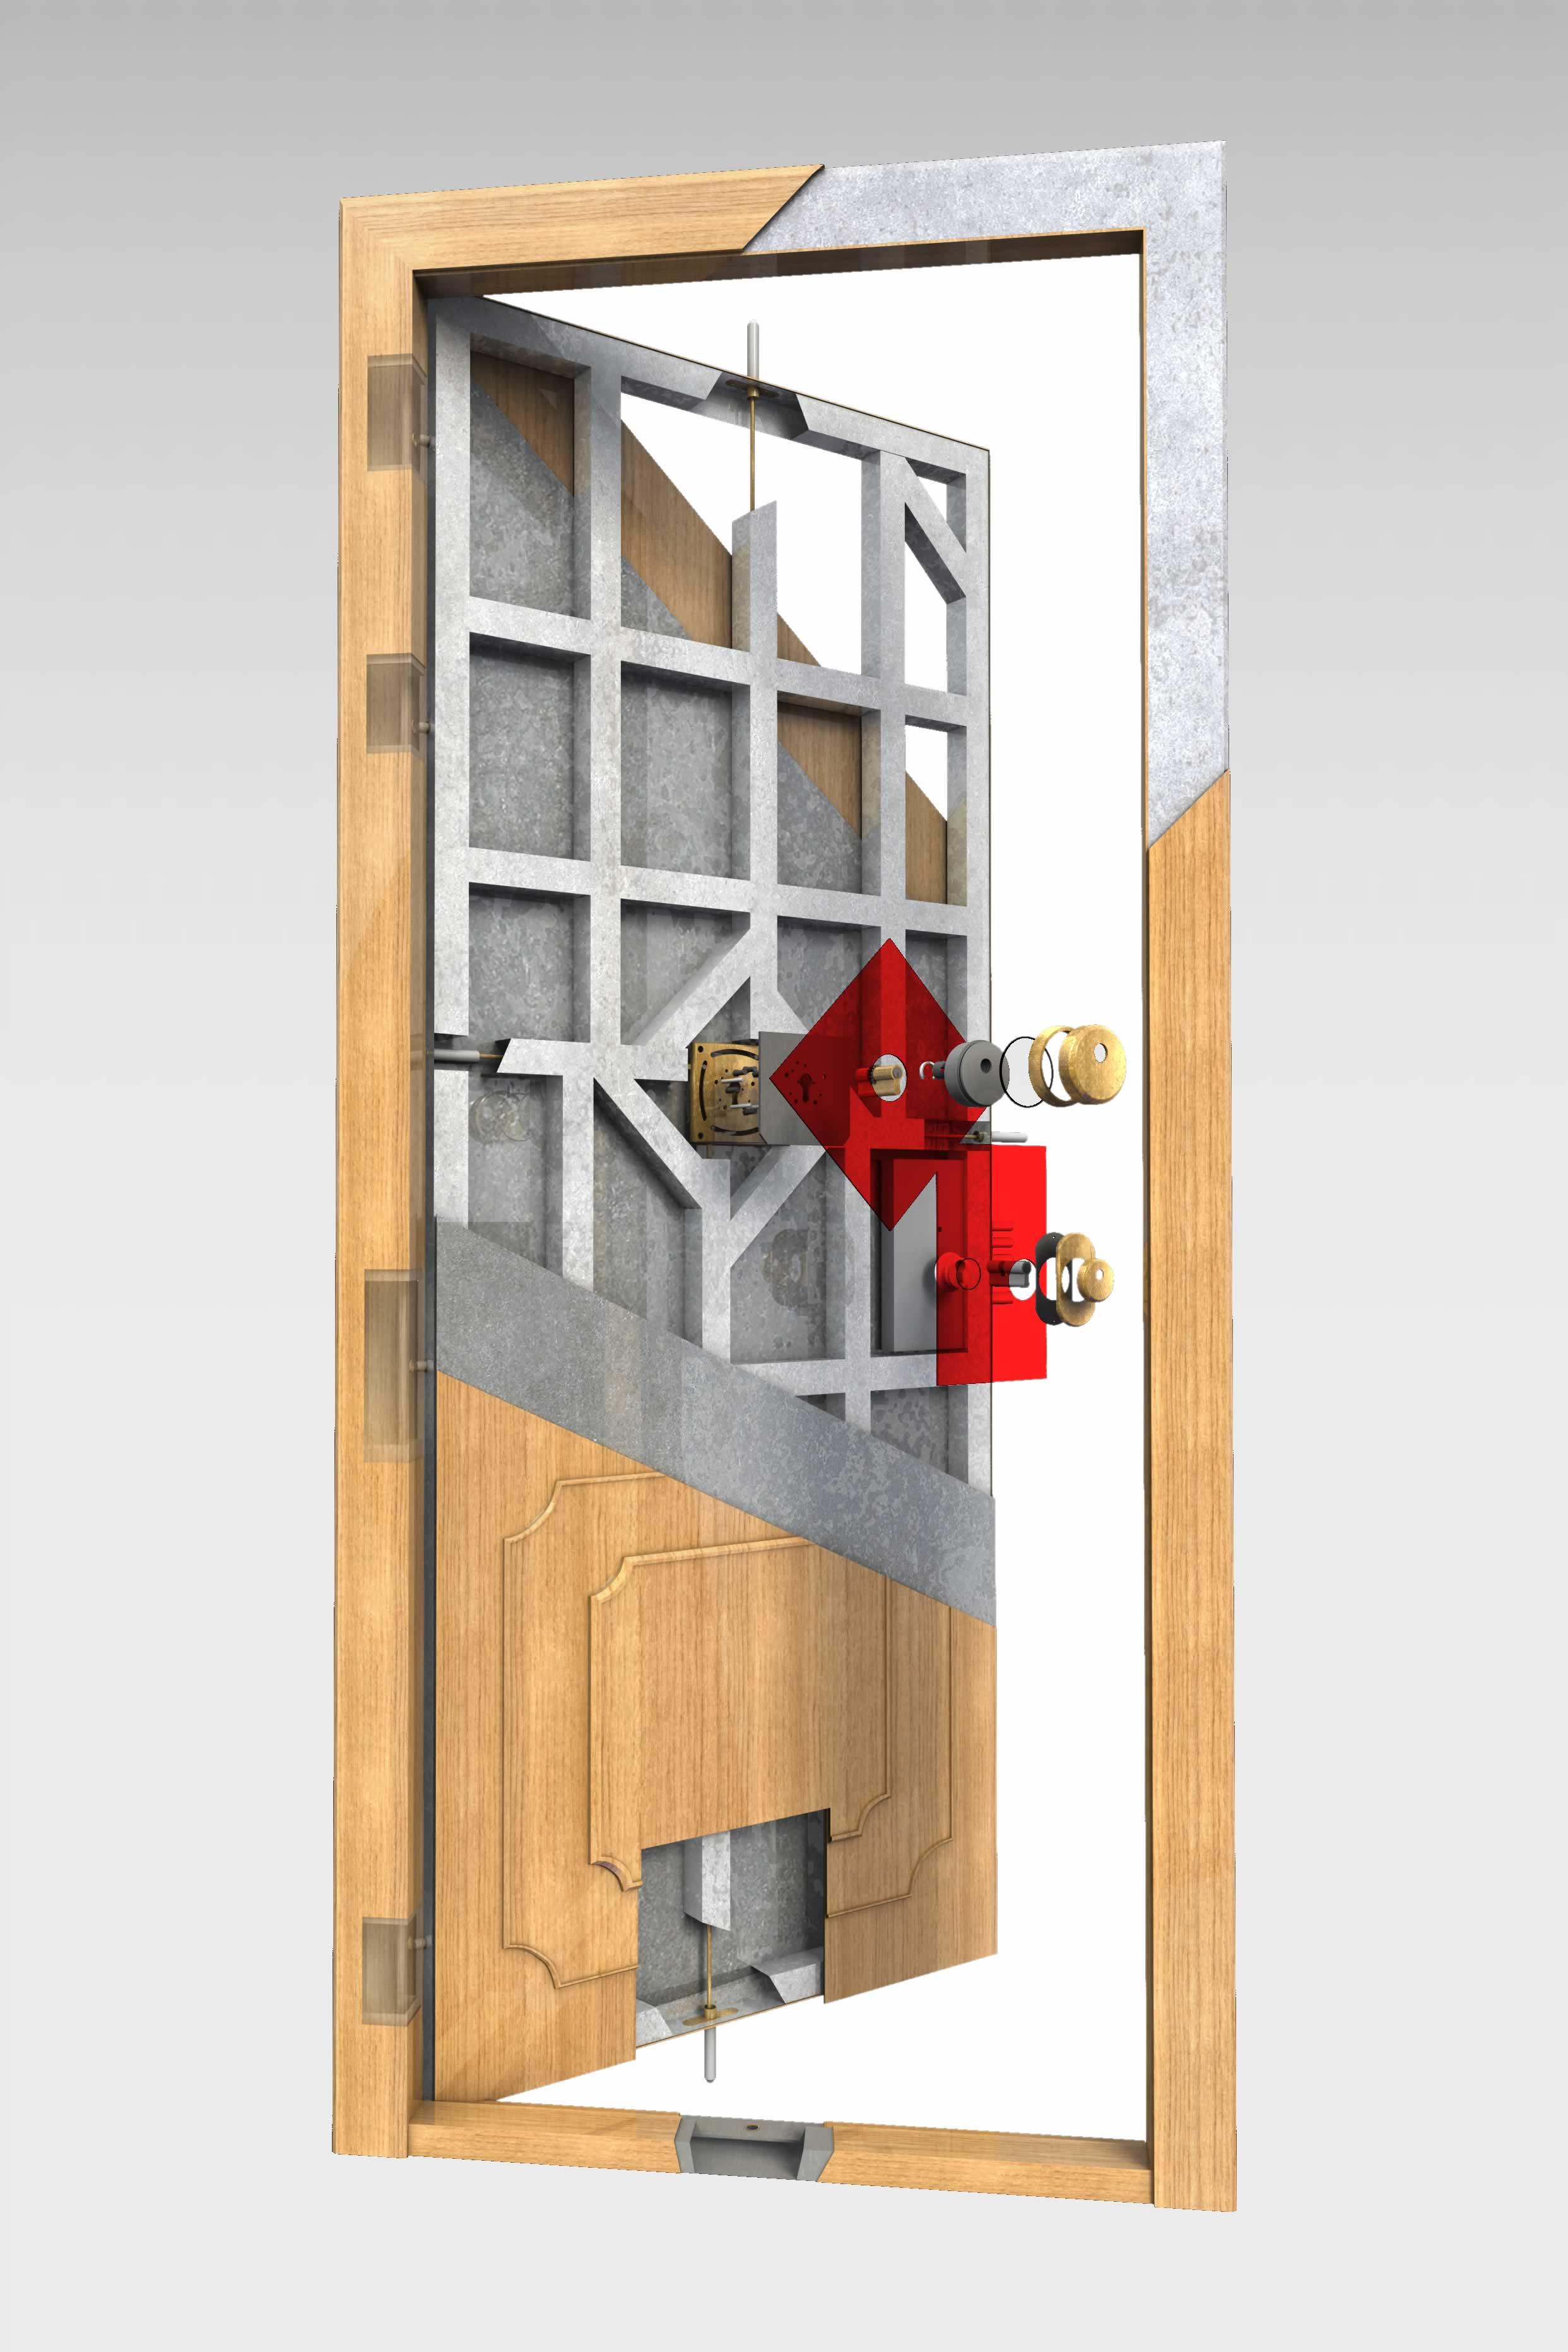 Puerta acorazada olimpo serie hogar roconsa - Precio puerta blindada ...